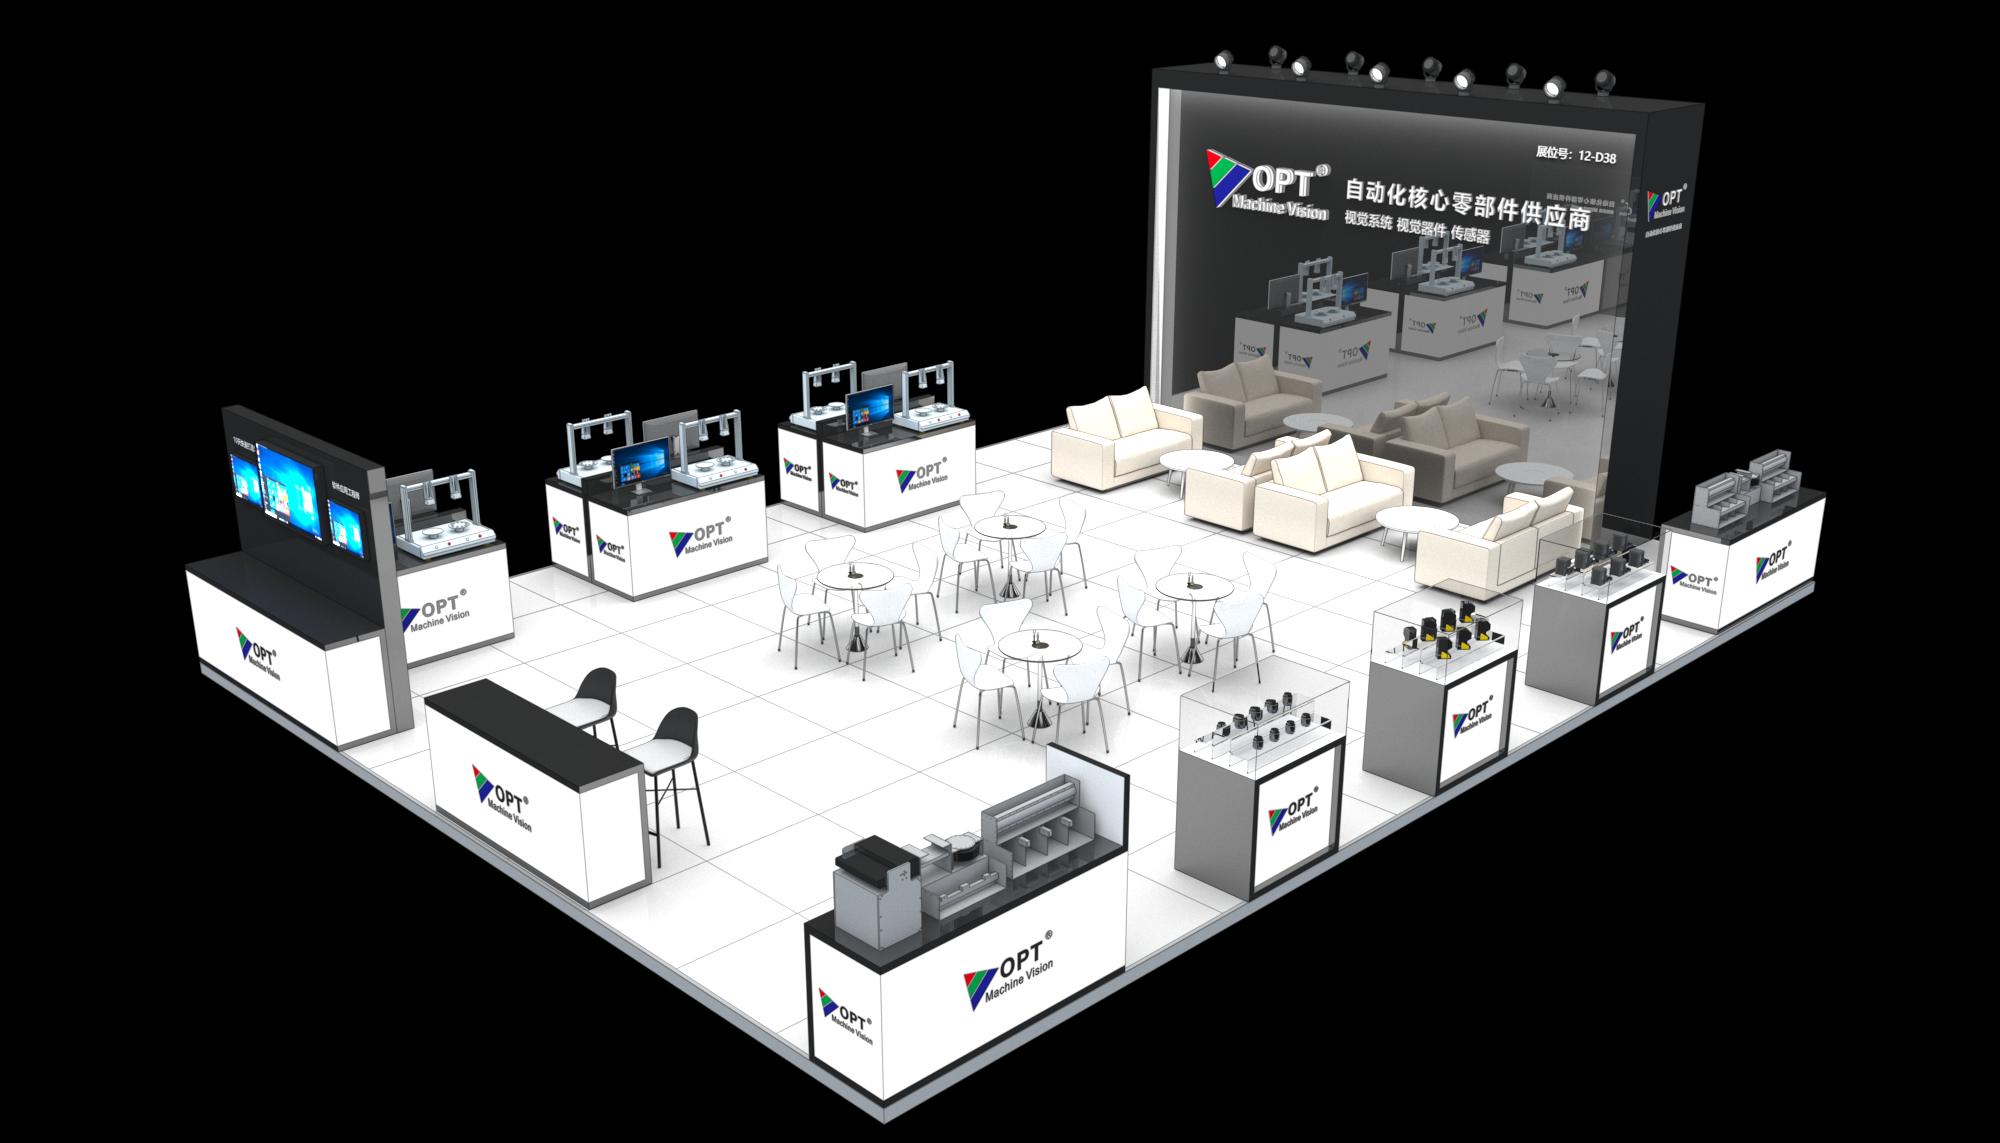 展会预告 | SciSmart线下体验将亮相SCIIF 2020,带您轻松体验SCI视觉软件